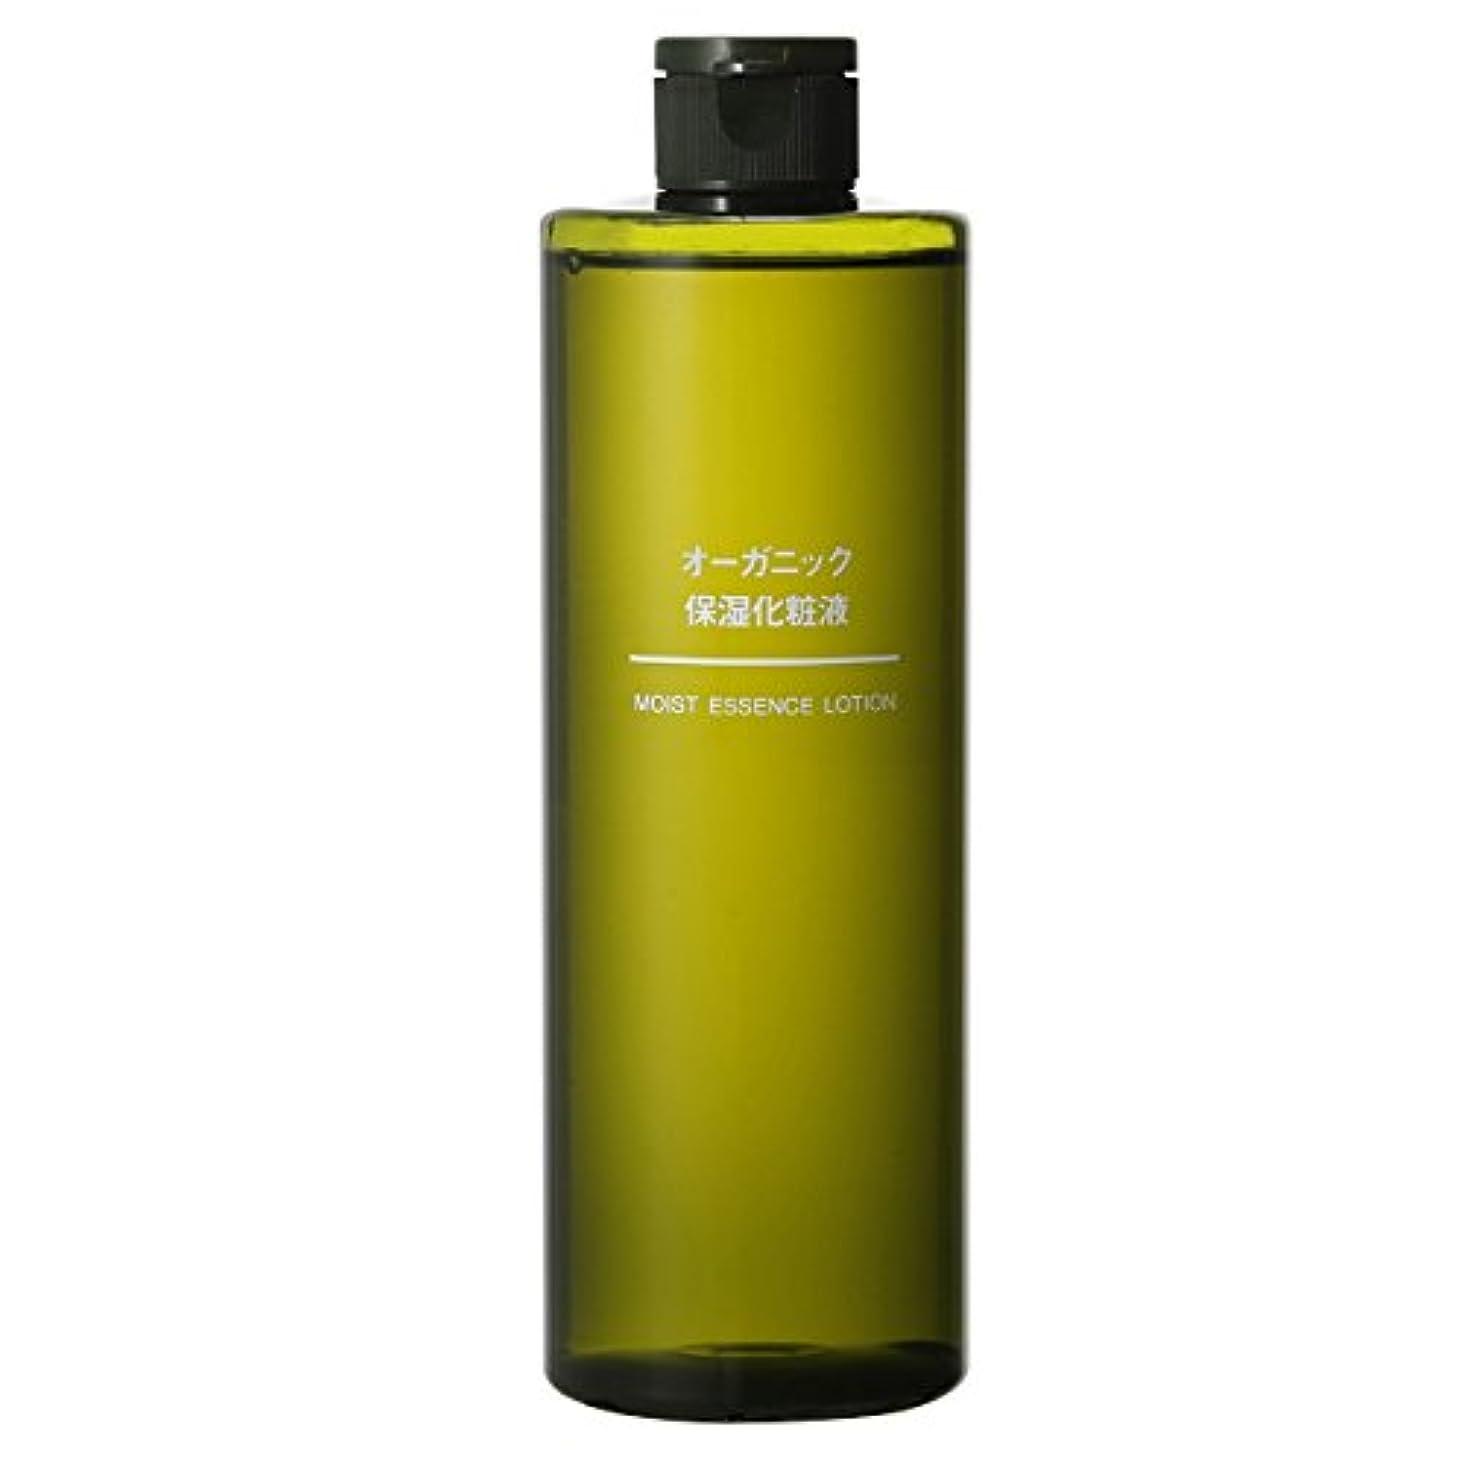 主観的松の木周波数無印良品 オーガニック保湿化粧液(大容量) 400ml